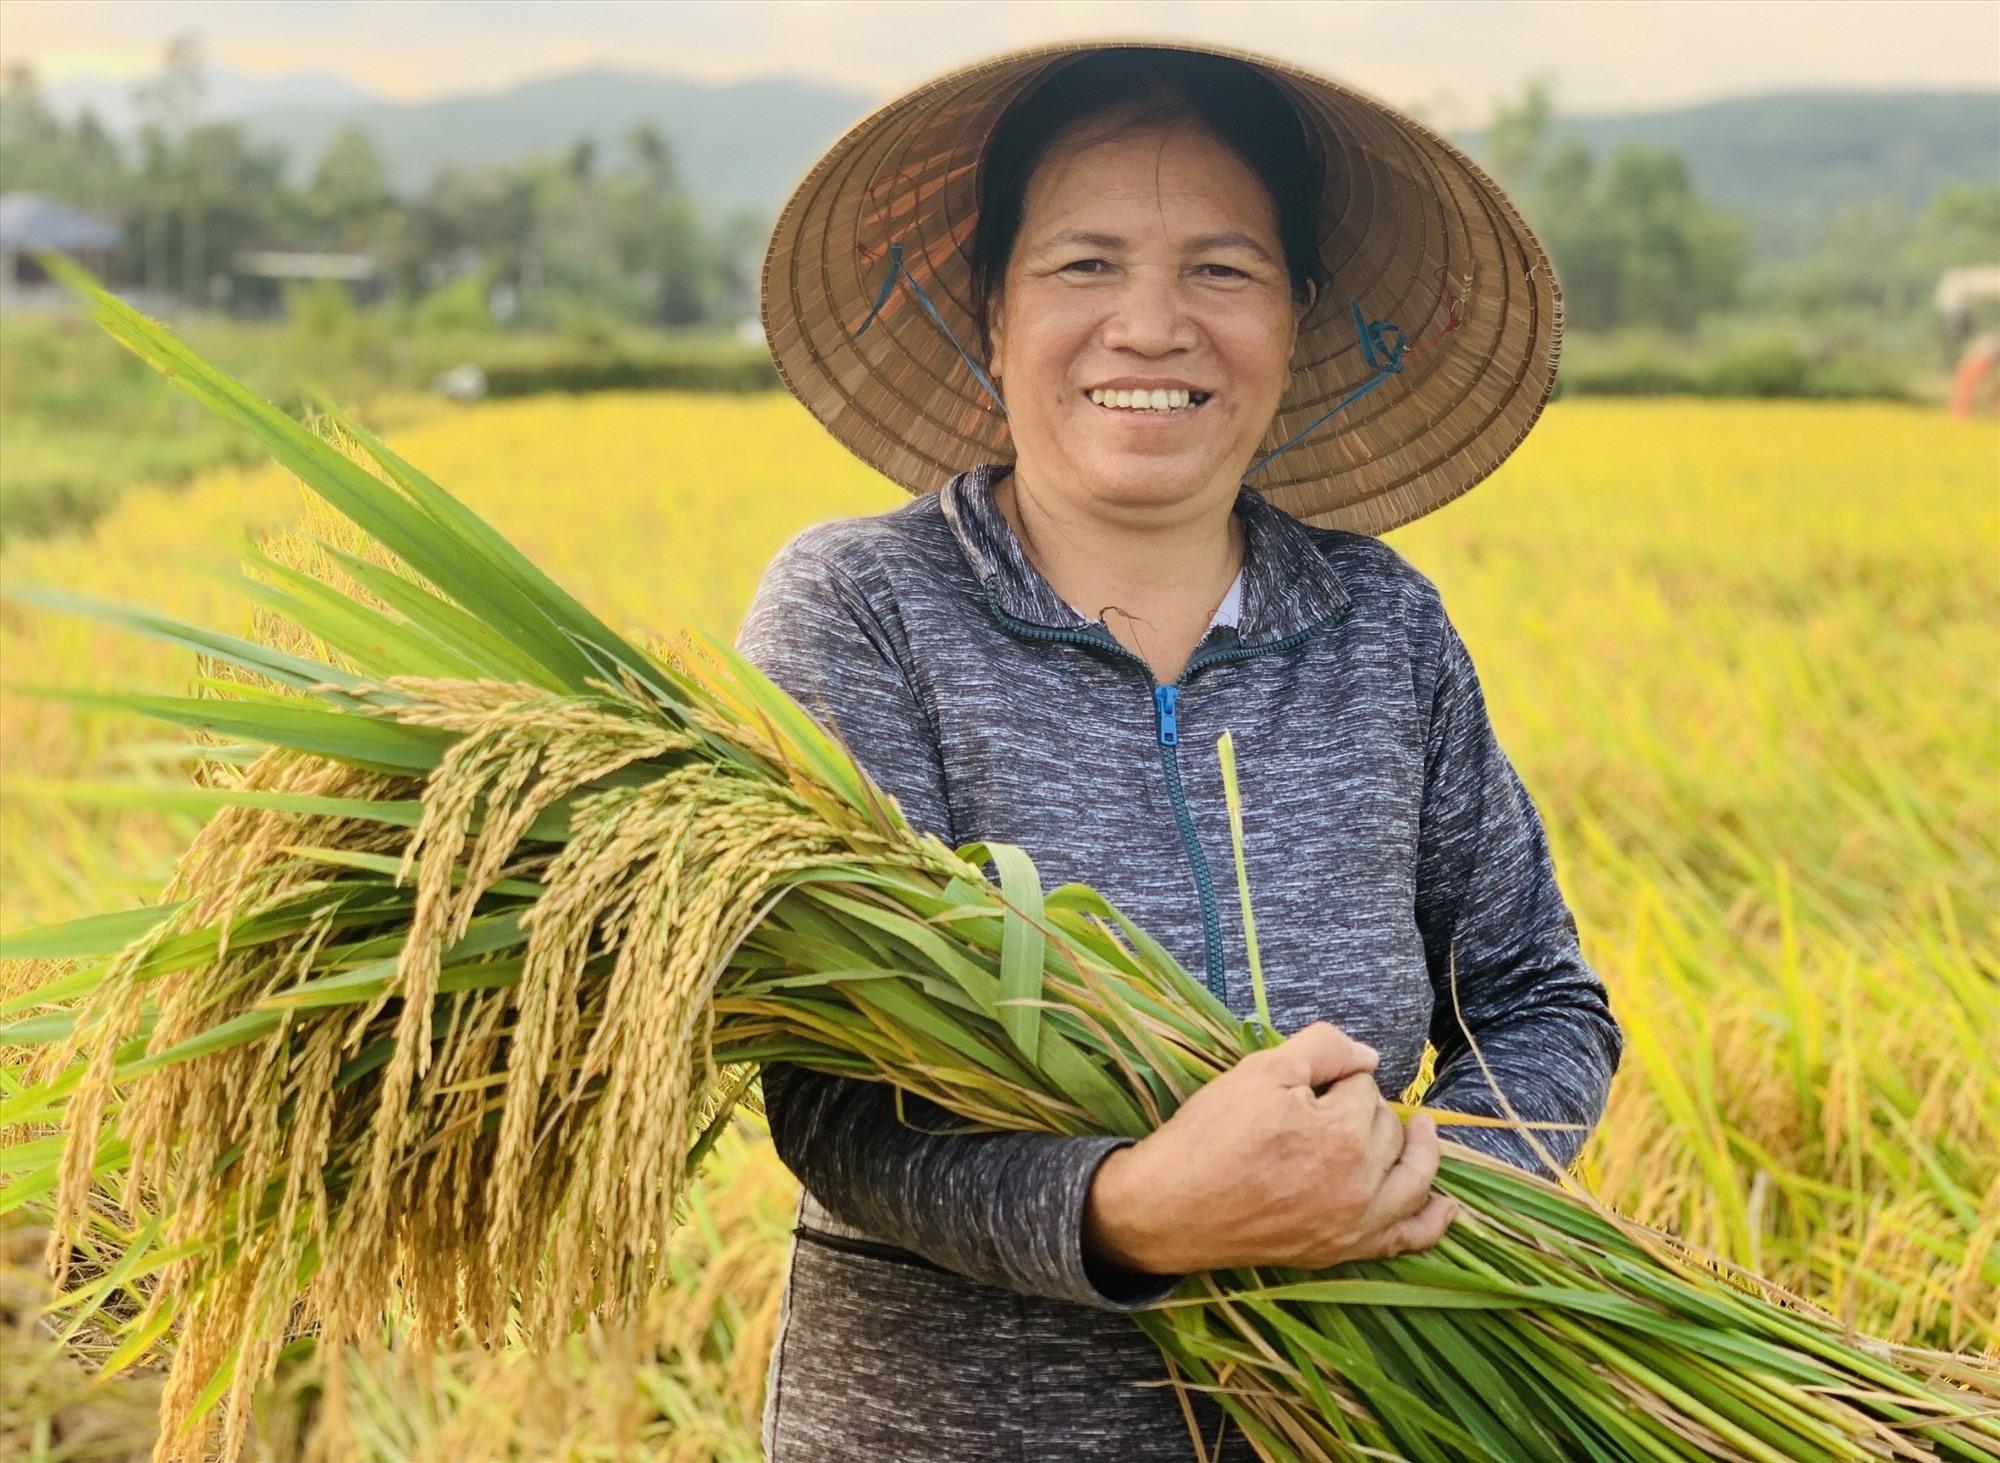 Bà Nguyễn Thị Vinh ở thôn Cang Đông (Quế Châu, Quế Sơn) phấn khởi khi vụ này năng suất lúa đạt 350kg/sào, tăng 90kg so với đông xuân năm ngoái.    Ảnh: T.P